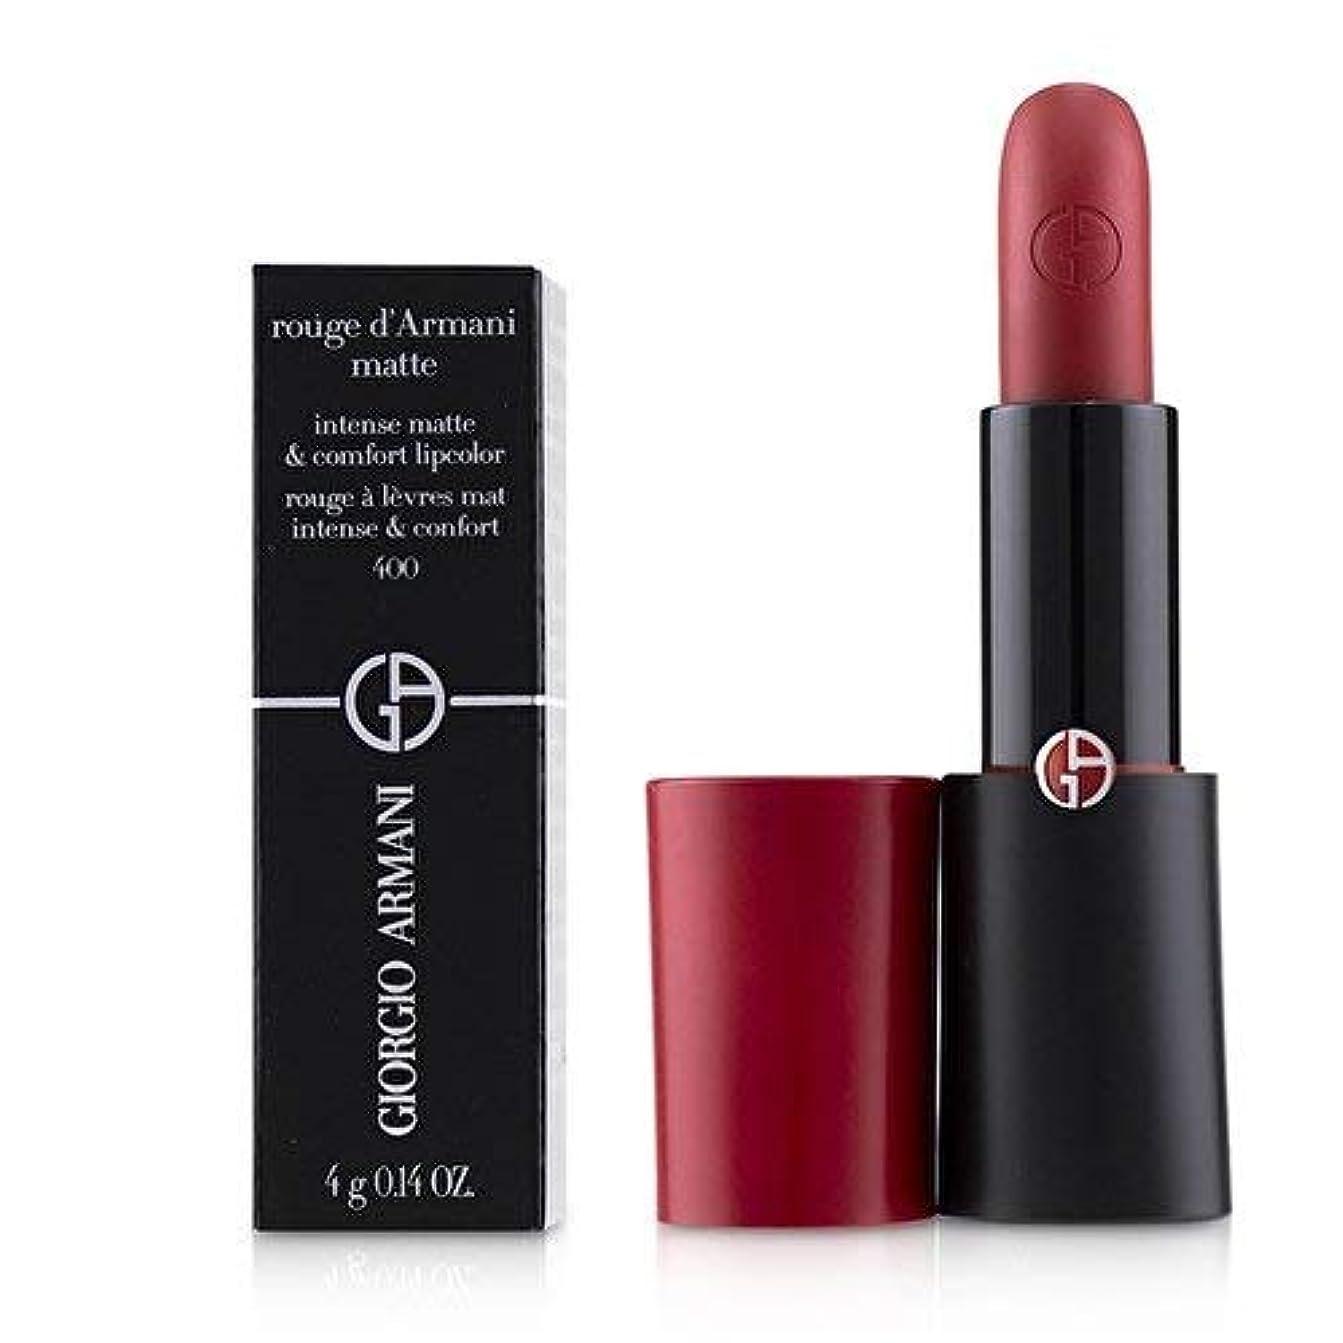 ドラマ運営パケットジョルジオアルマーニ Rouge D'Armani Matte Intense Matte & Comfort Lipcolor - # 400 Four Hundred 4g/0.14oz並行輸入品